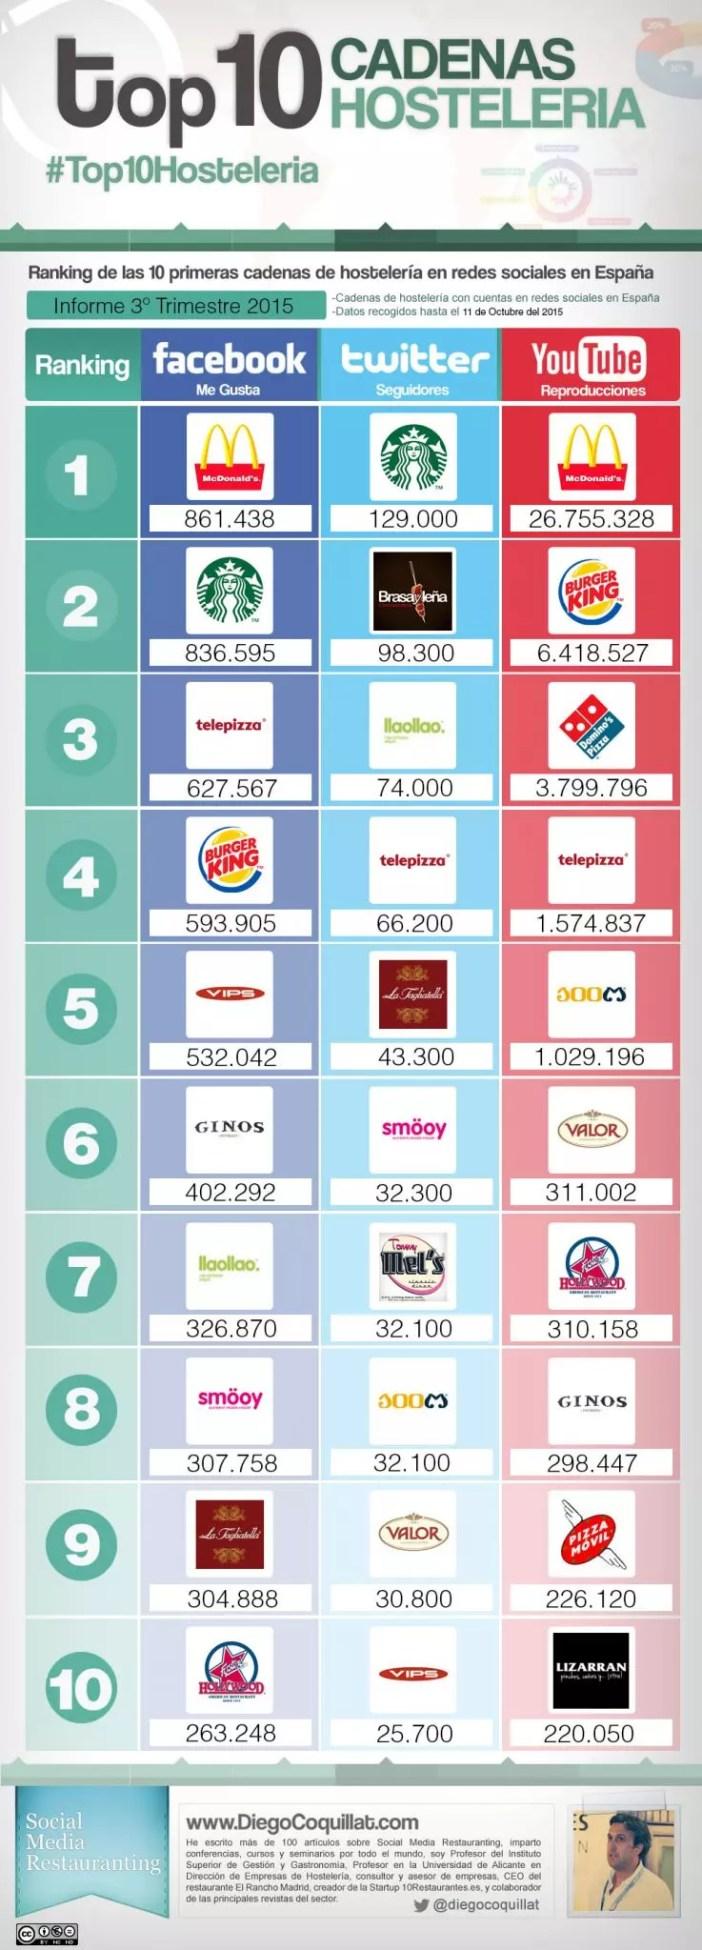 Infografía con las 10 mejores cadenas de restaurantes en facebook, twitter y youtube